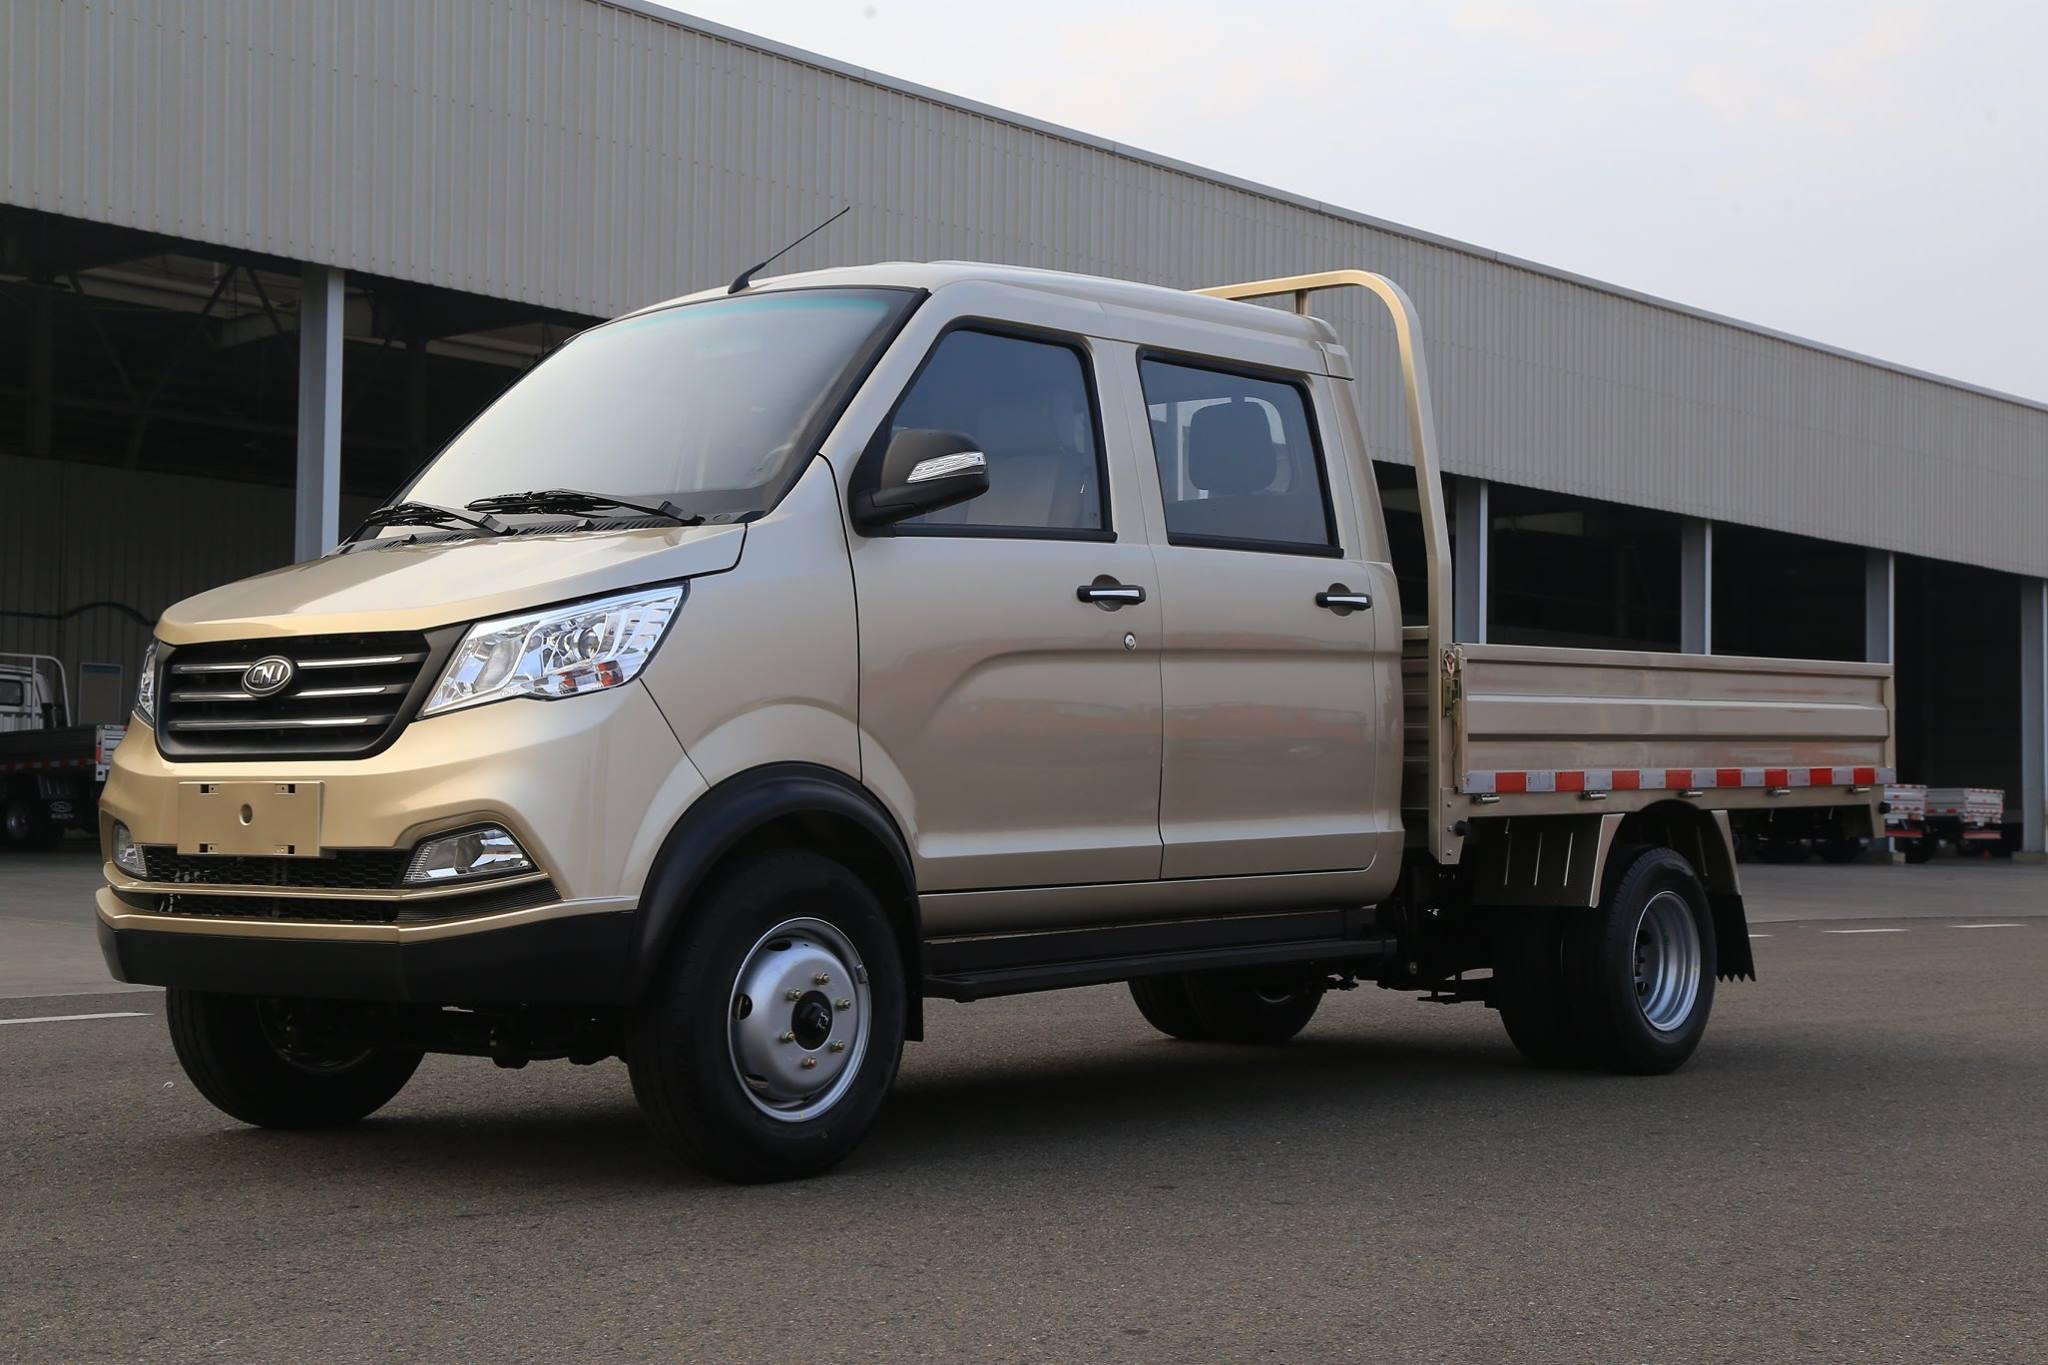 z-Cnj--kleine-vrachtwagens-1.5L-gasoline--1-8L-gasoline---CNG-2-8L-ISUZU-diesel-4